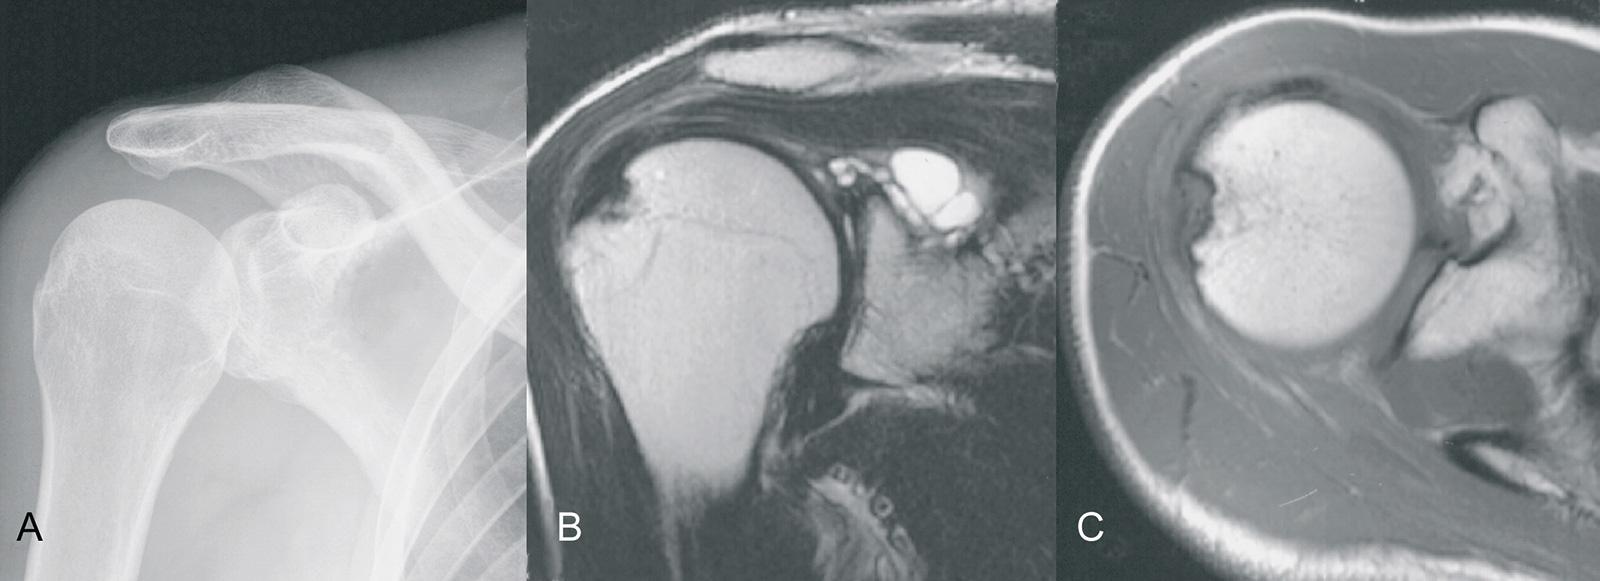 Abb. 2-18: Sekundäres Ganglion bei Vorliegen einer SLAP-Läsion (Röntgenbild (A) und MRT-Bildgebung (B,C) (Eigentum des Instituts für Klinische Radiologie der Universität Münster)